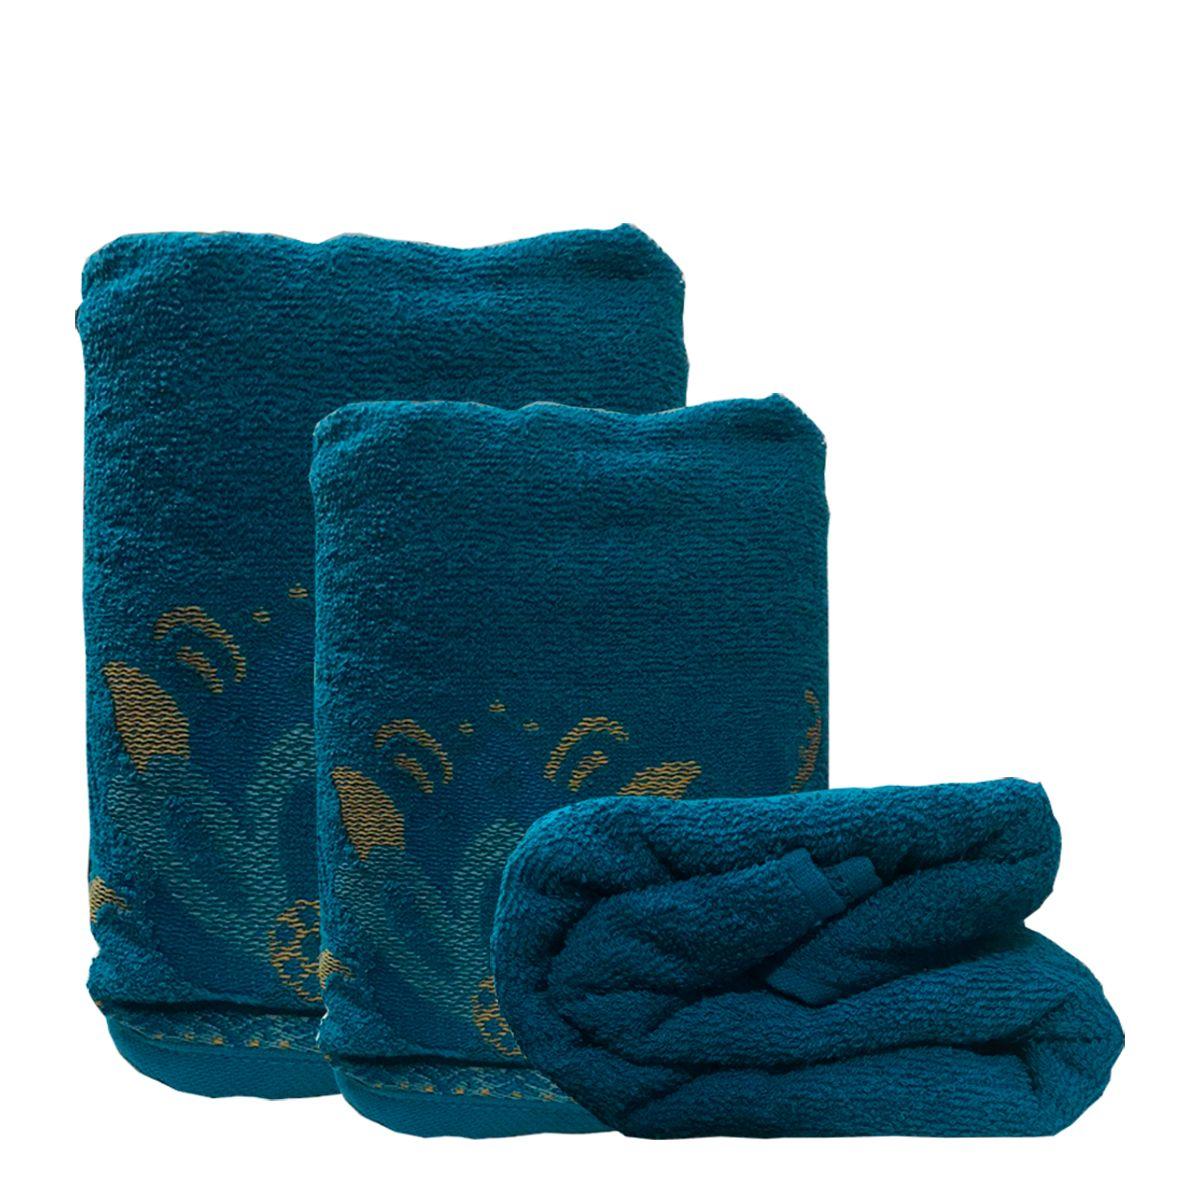 Jogo de Toalhas Lotus Azul Petroleo 4 pçs